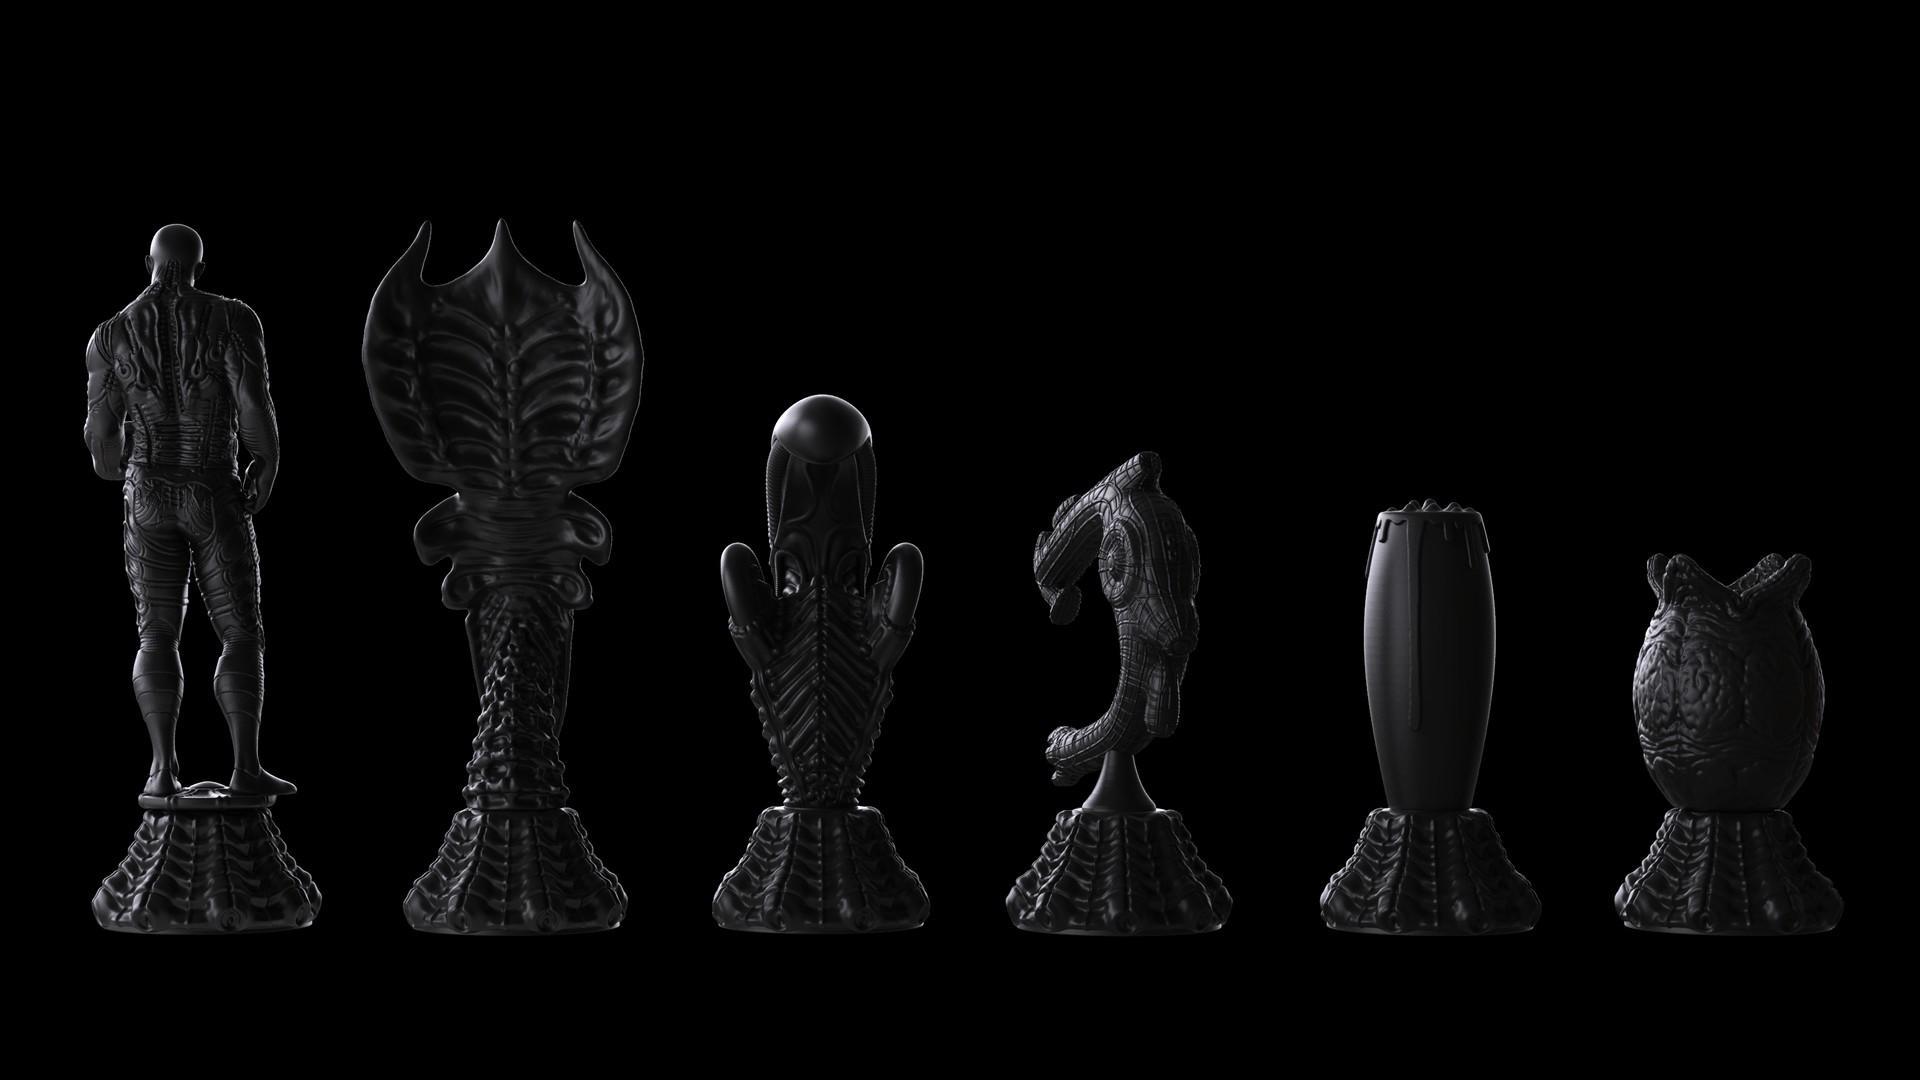 Ken calvert alien chess renders 1055